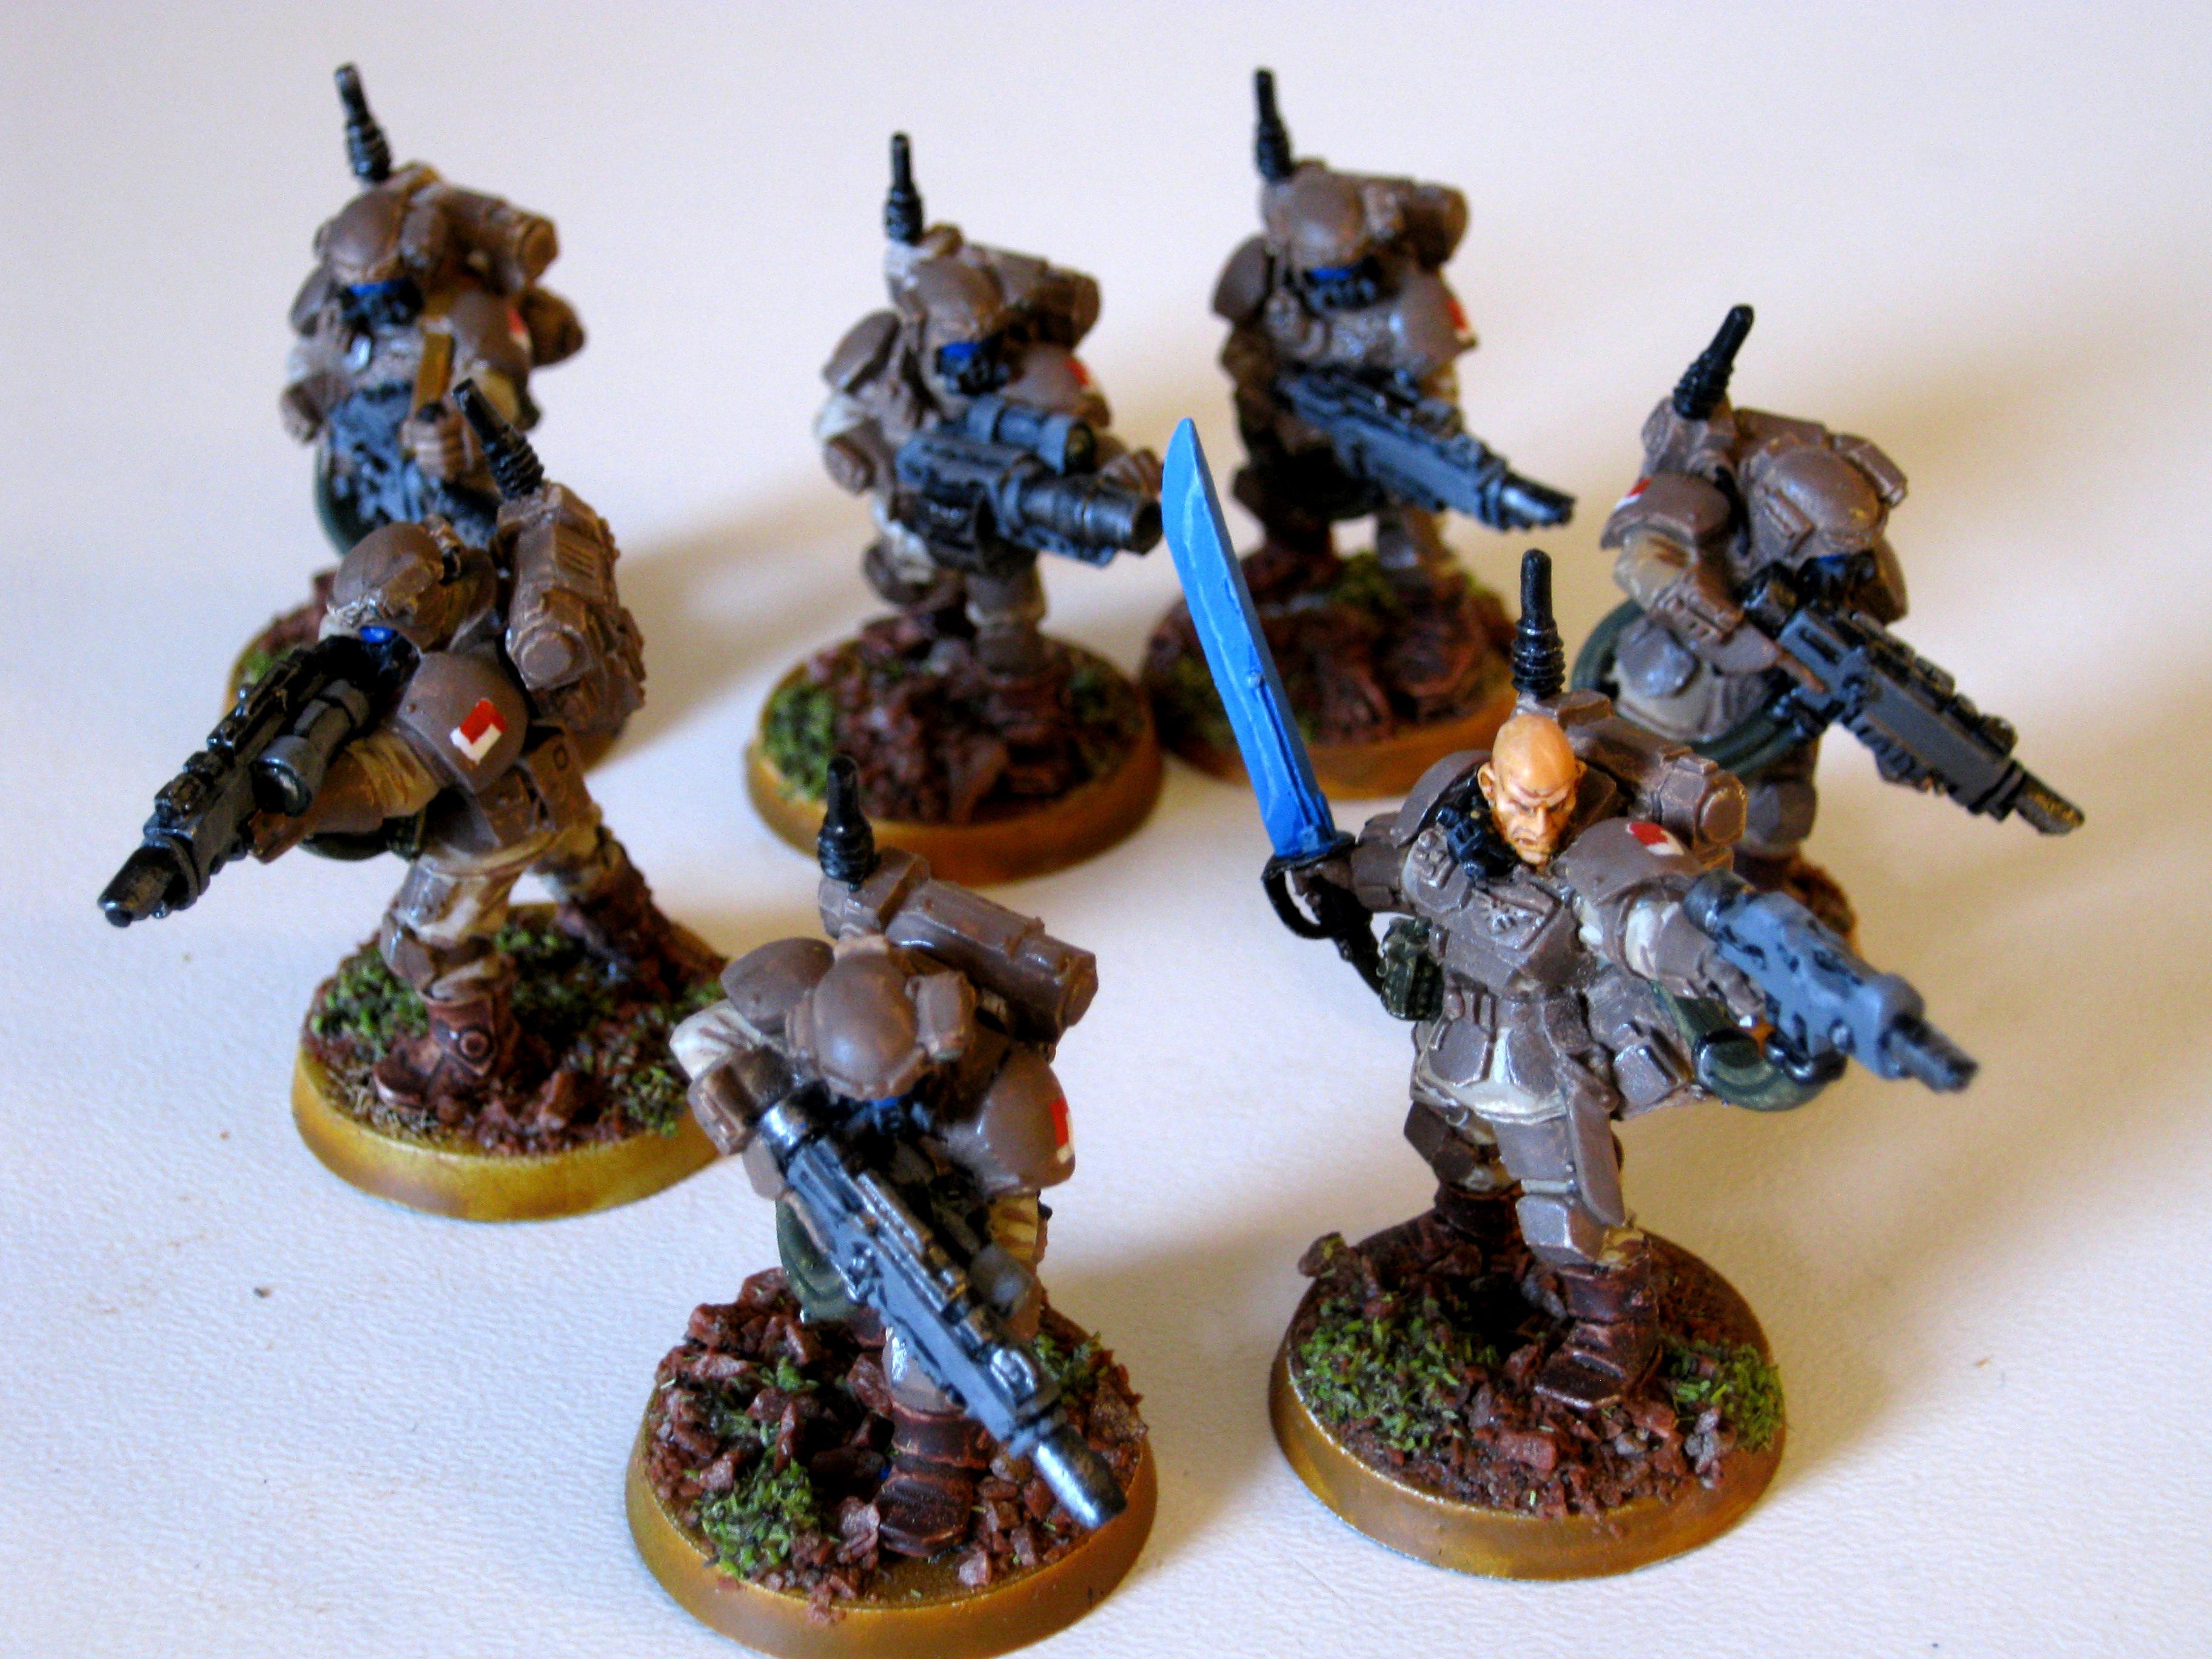 Imperial Guard, Kaskrin, Storm Troopers, Warhammer 40,000